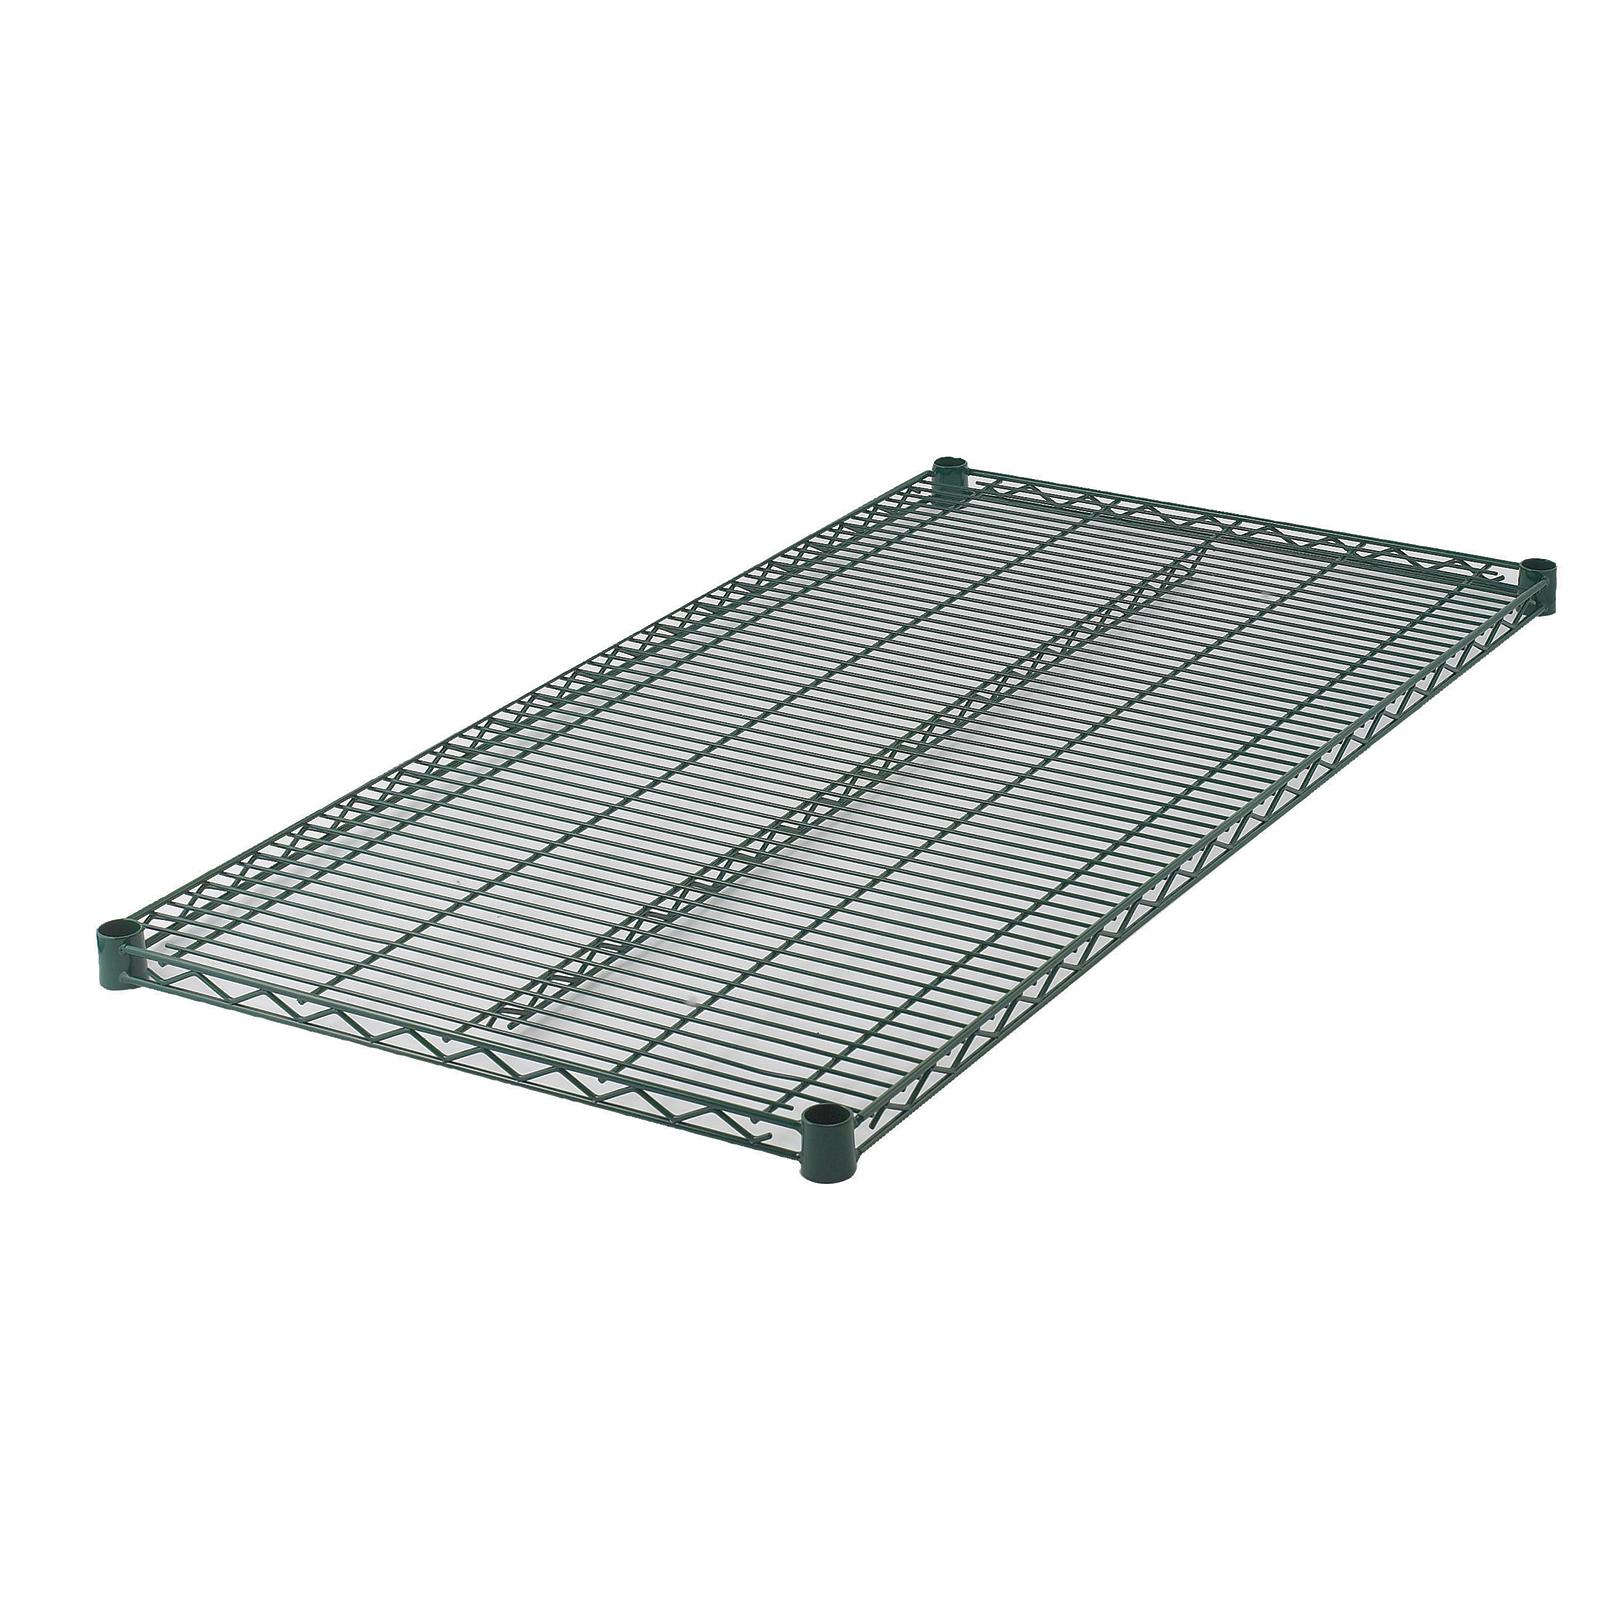 Winco VEX-2424 shelving, wire